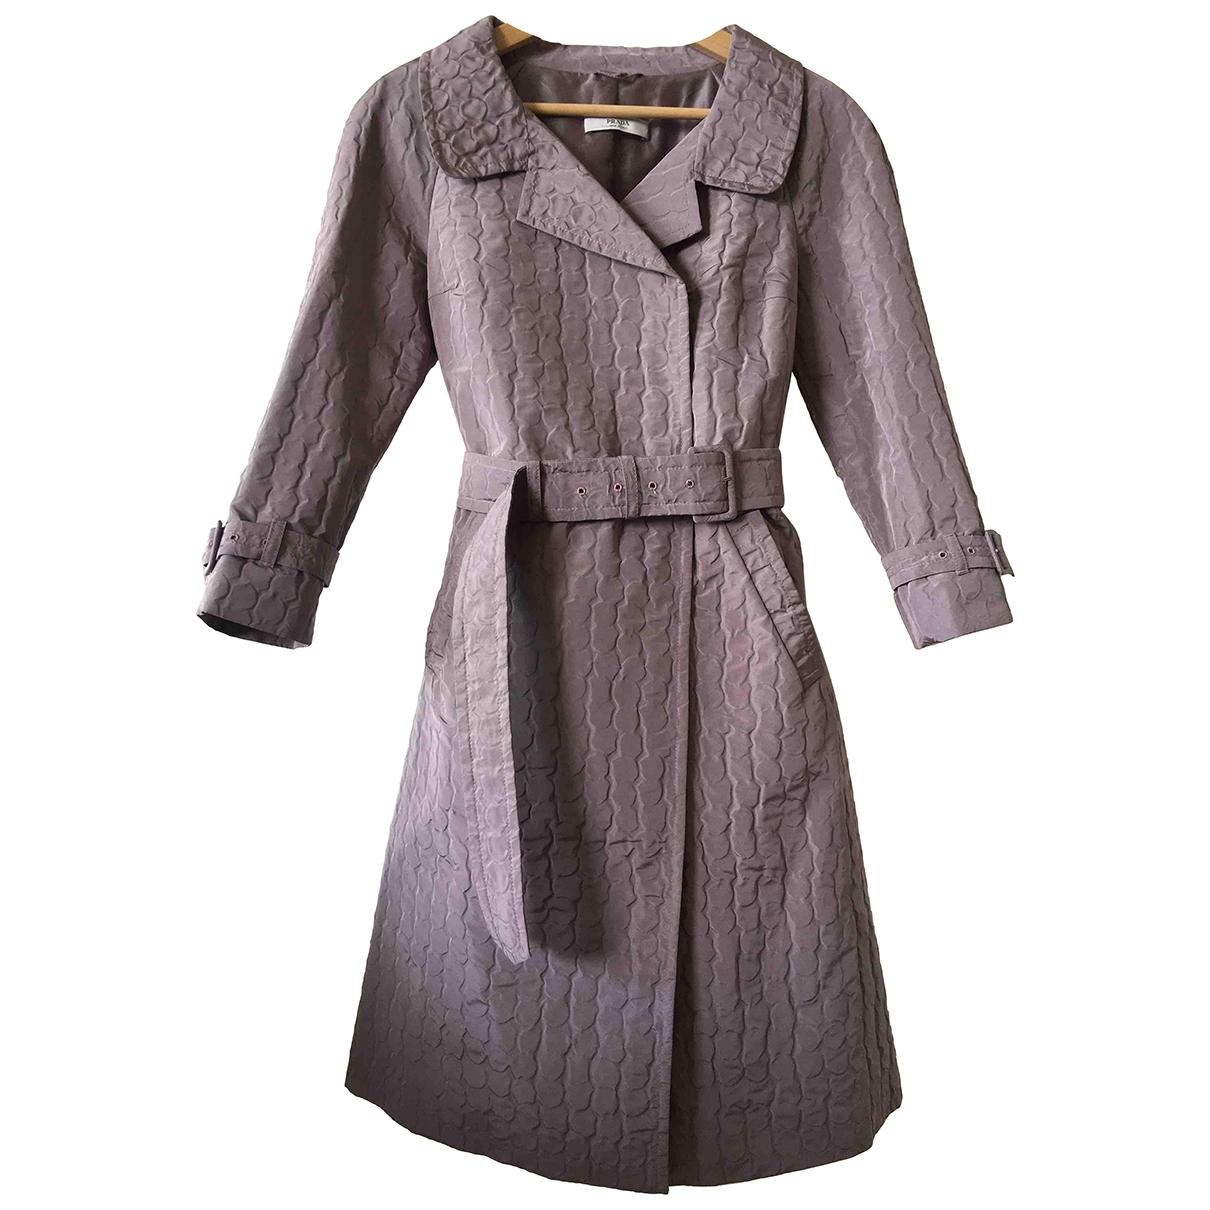 Prada \N Pink coat for Women 38 IT